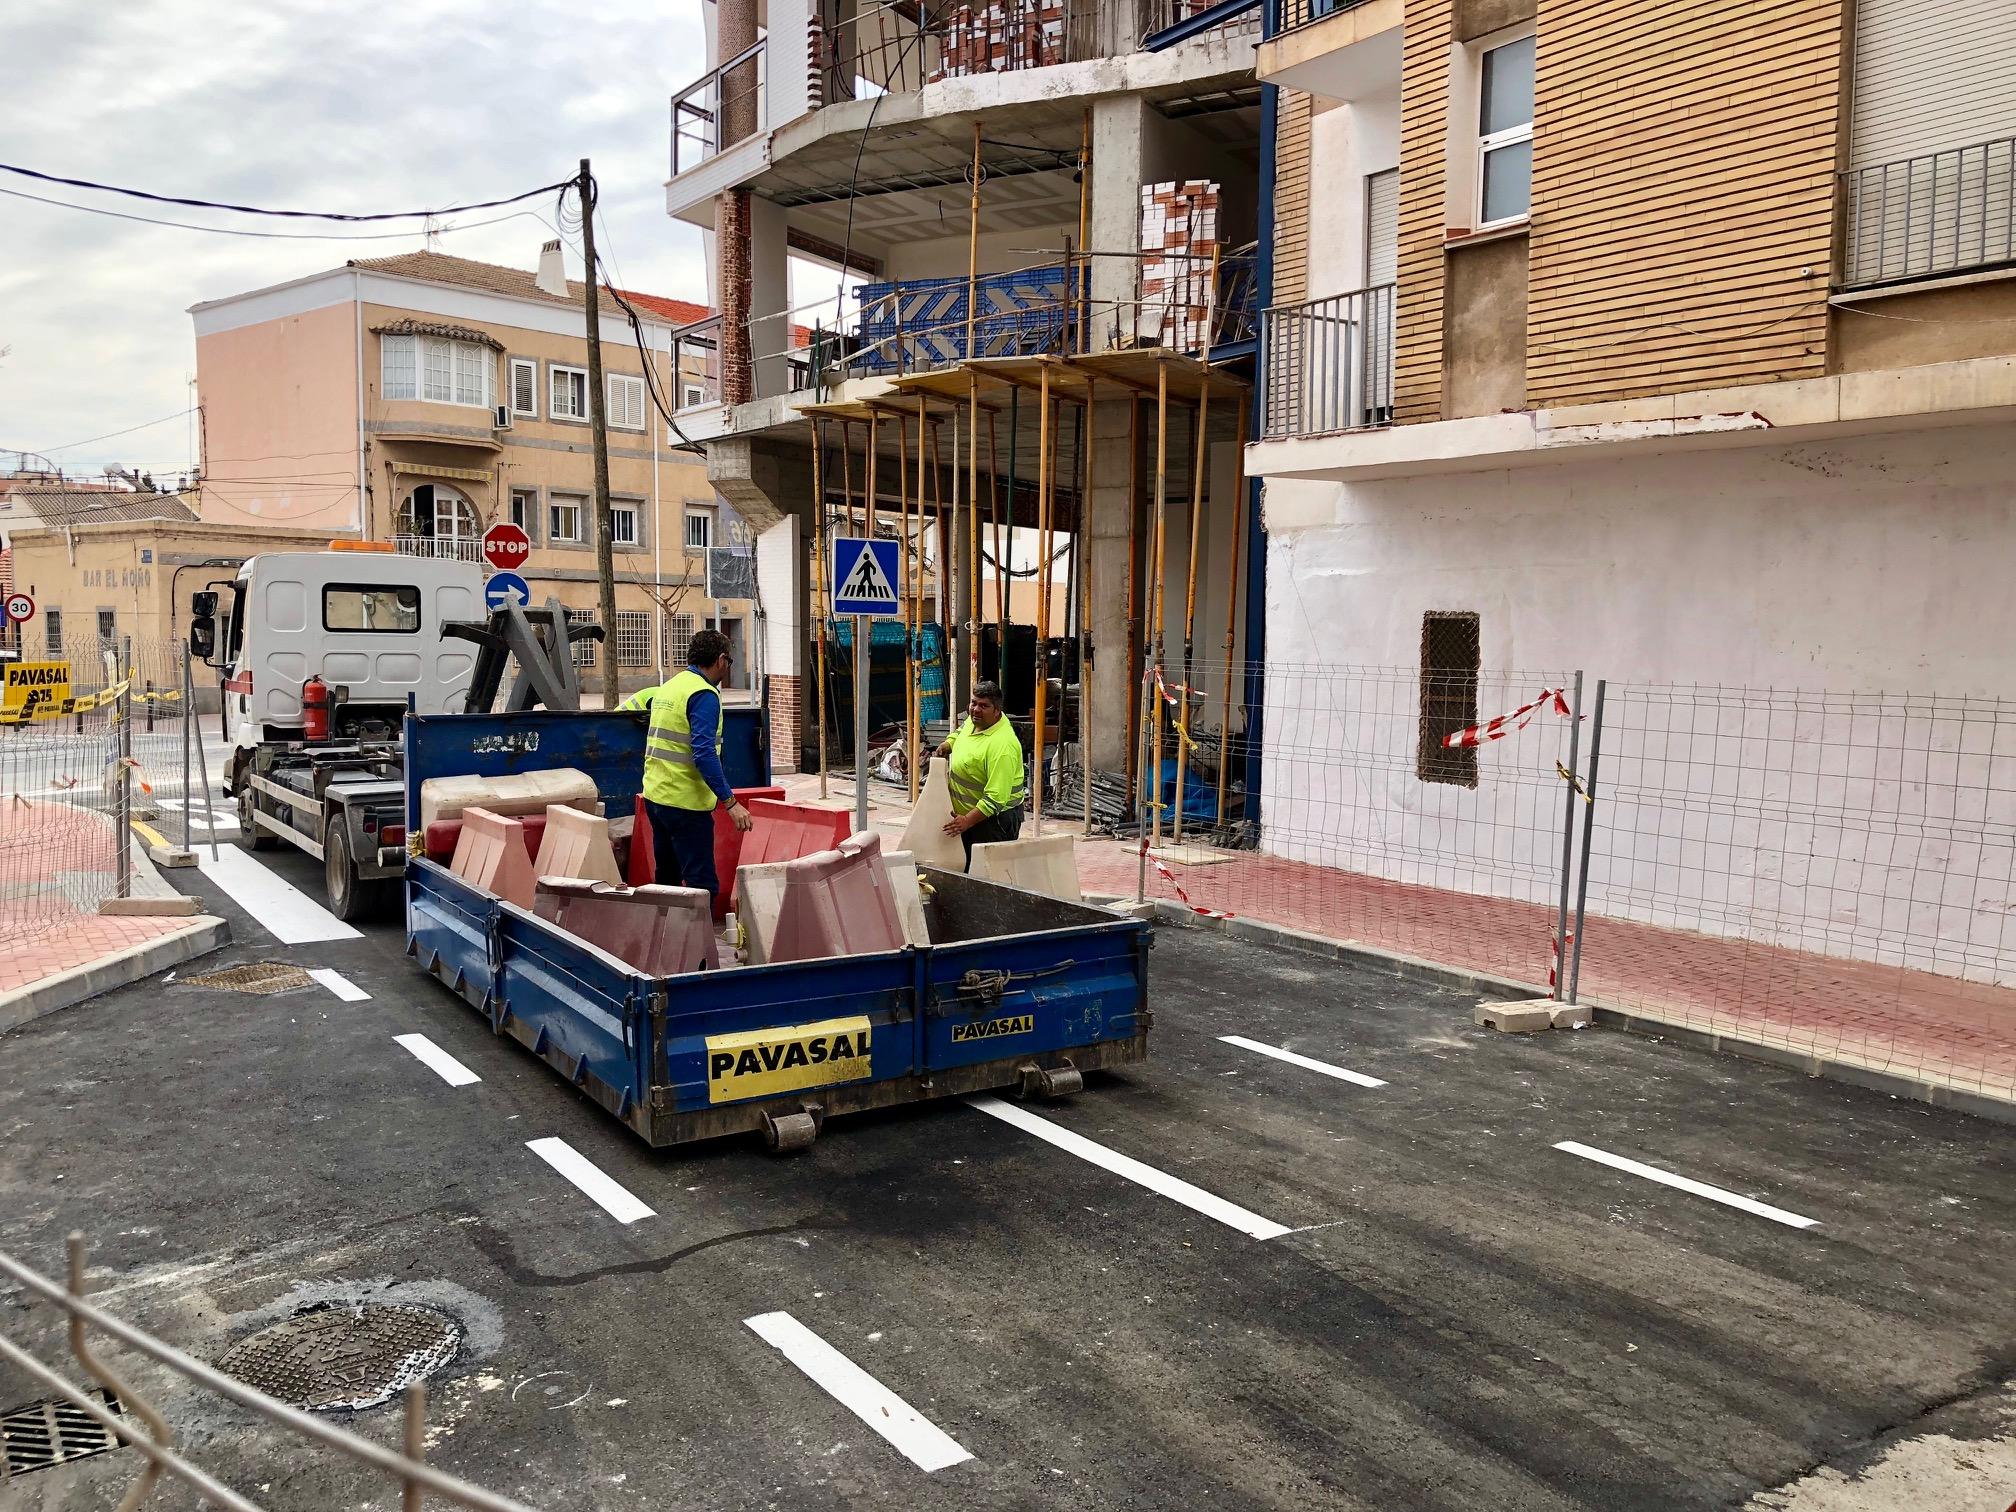 Mañana se abre al tráfico la nueva conexión entre el barrio de El Carmen y el Infante